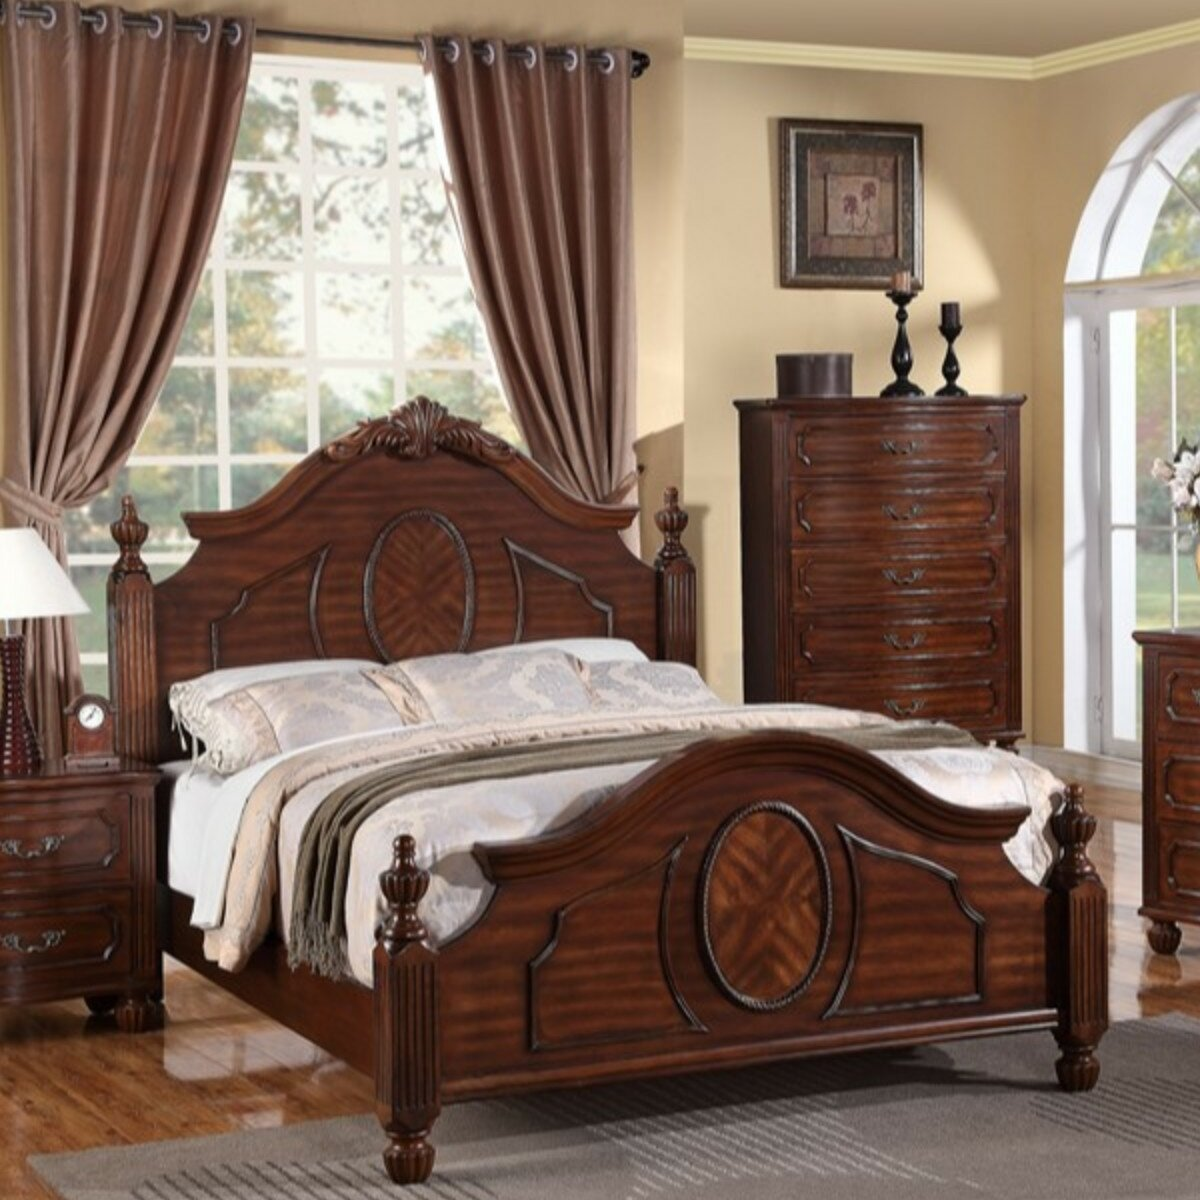 Natural Full Size 12 Inch Grand Solid Wood Platform Bed Frame Crown Comfort